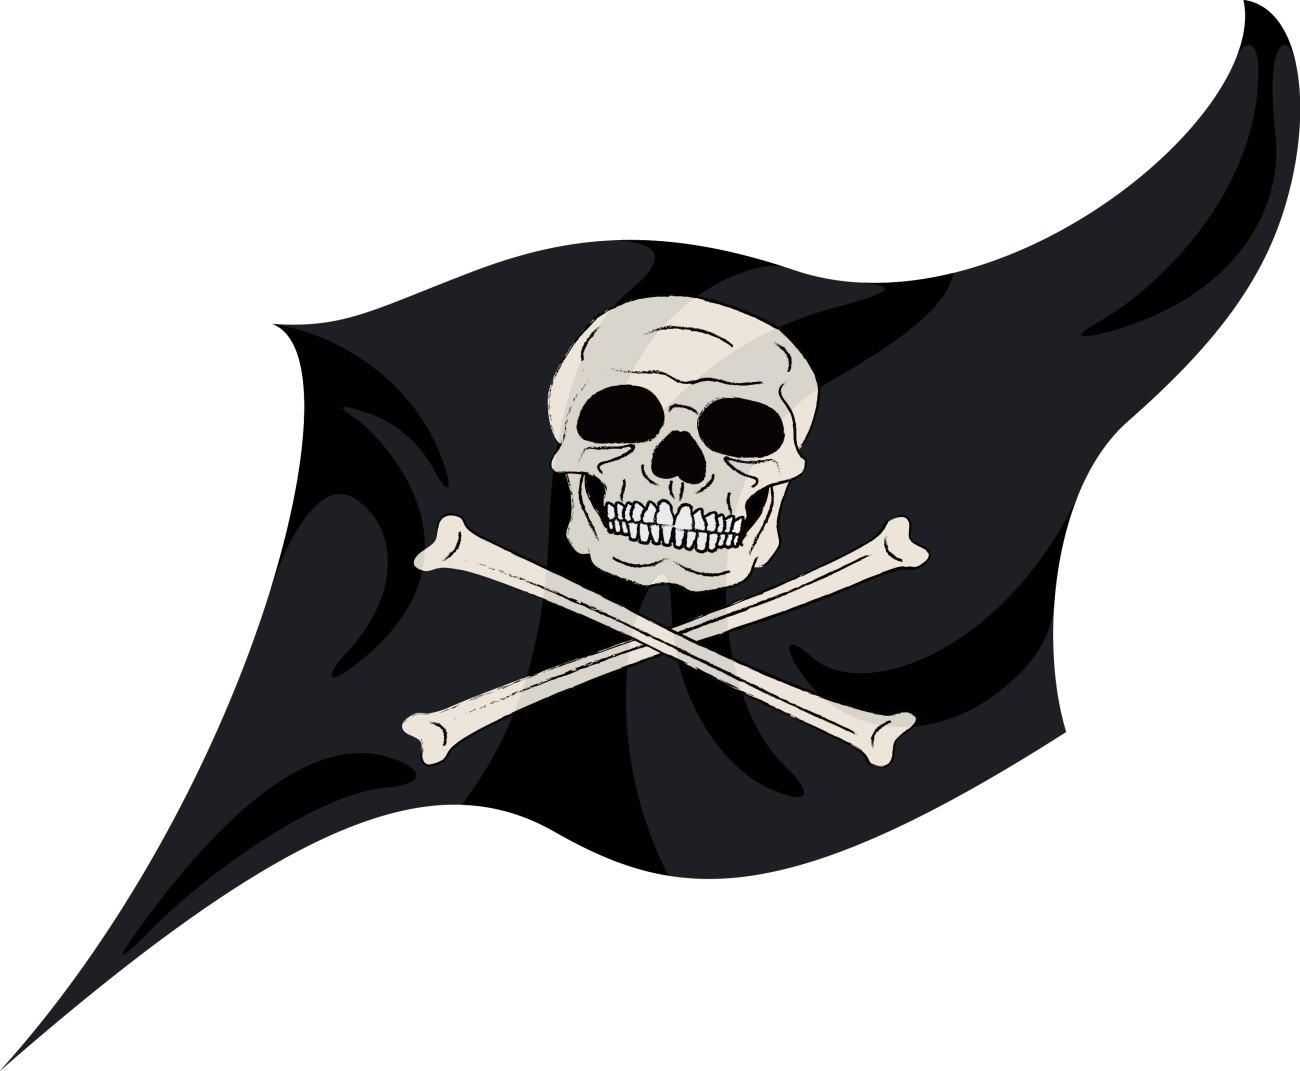 ロックス海賊団の銀斧、王直はバッキン、シャッキー?|ワンピース